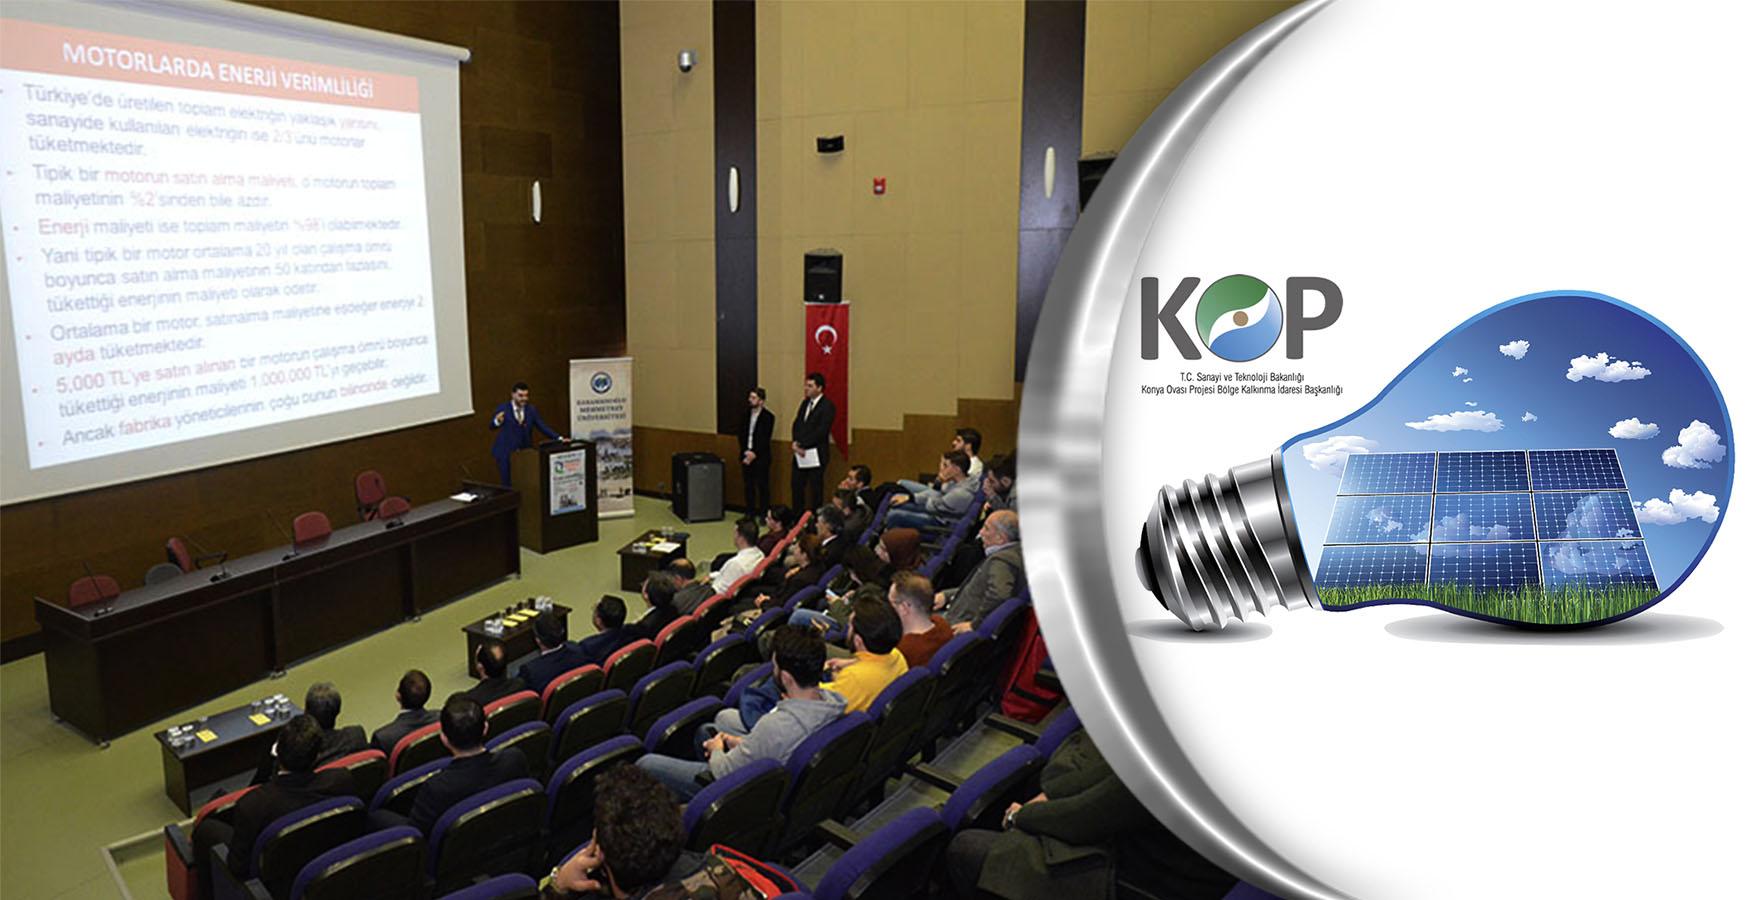 Karaman KOP Enerji Verimliliği Merkezi, Kırıkkale'de Tanıtıldı